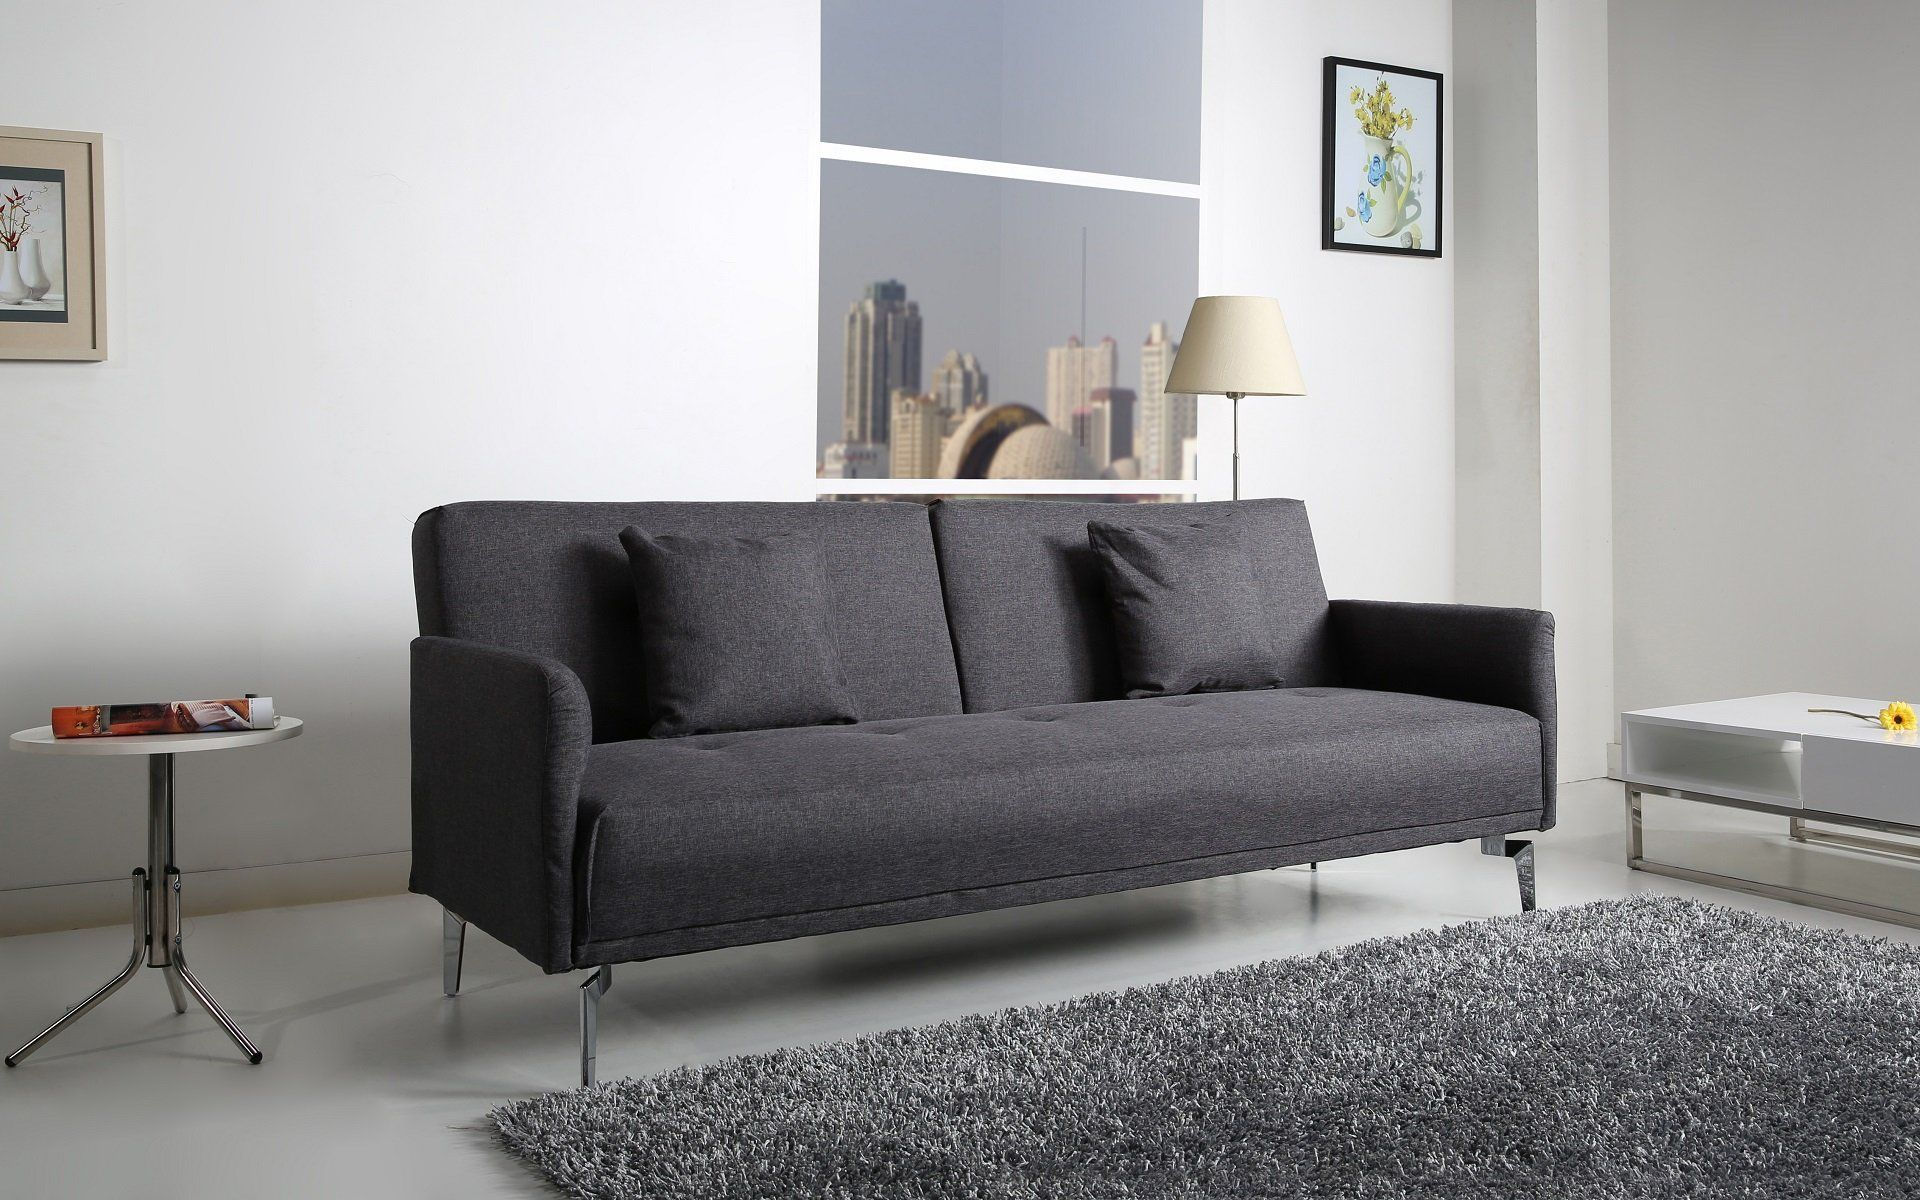 Helsinki Schlafcouch Stoff dunkelgrau Schlaffunktion Sofa: Amazon ...